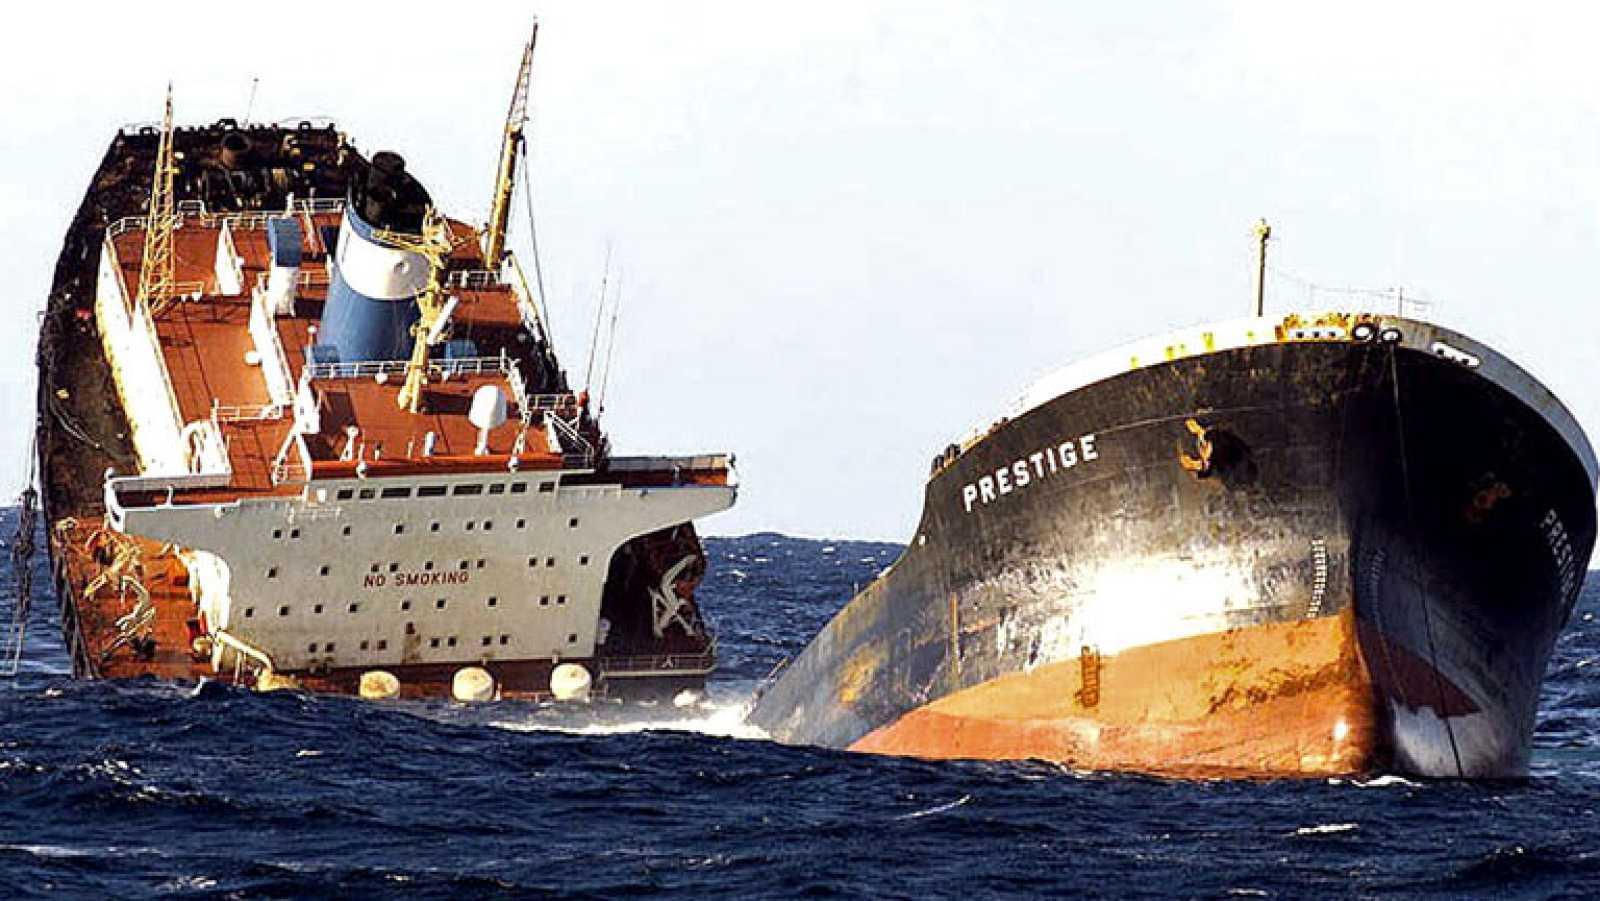 Hoy ha declarado el jefe de máquinas del 'Prestige', que ha insistido en que el buque funcionaba bien cuando se produjo el accidente